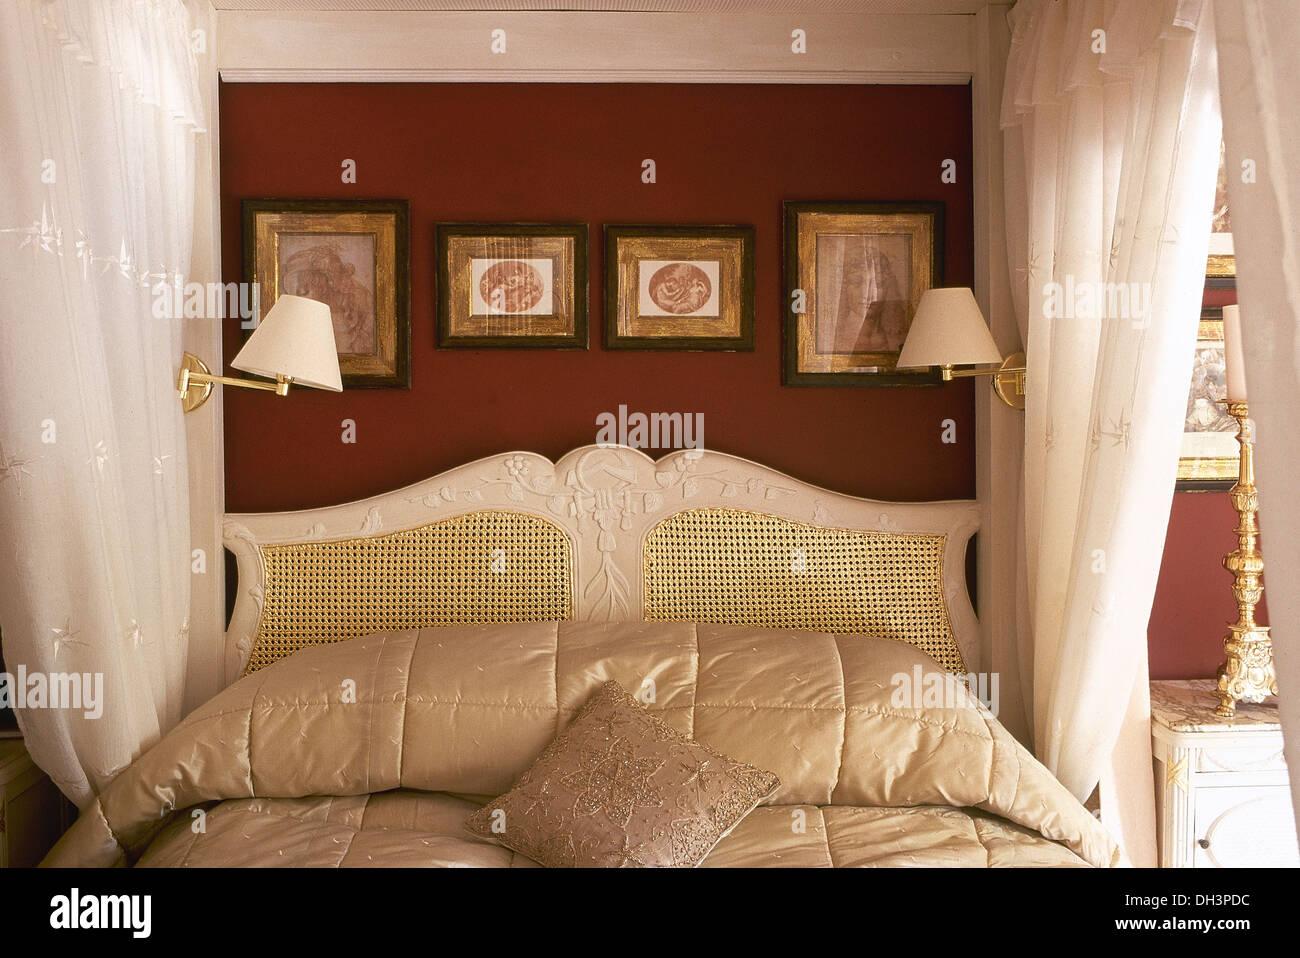 Tete De Lit Voile petites images et appliques au-dessus de lit à baldaquin